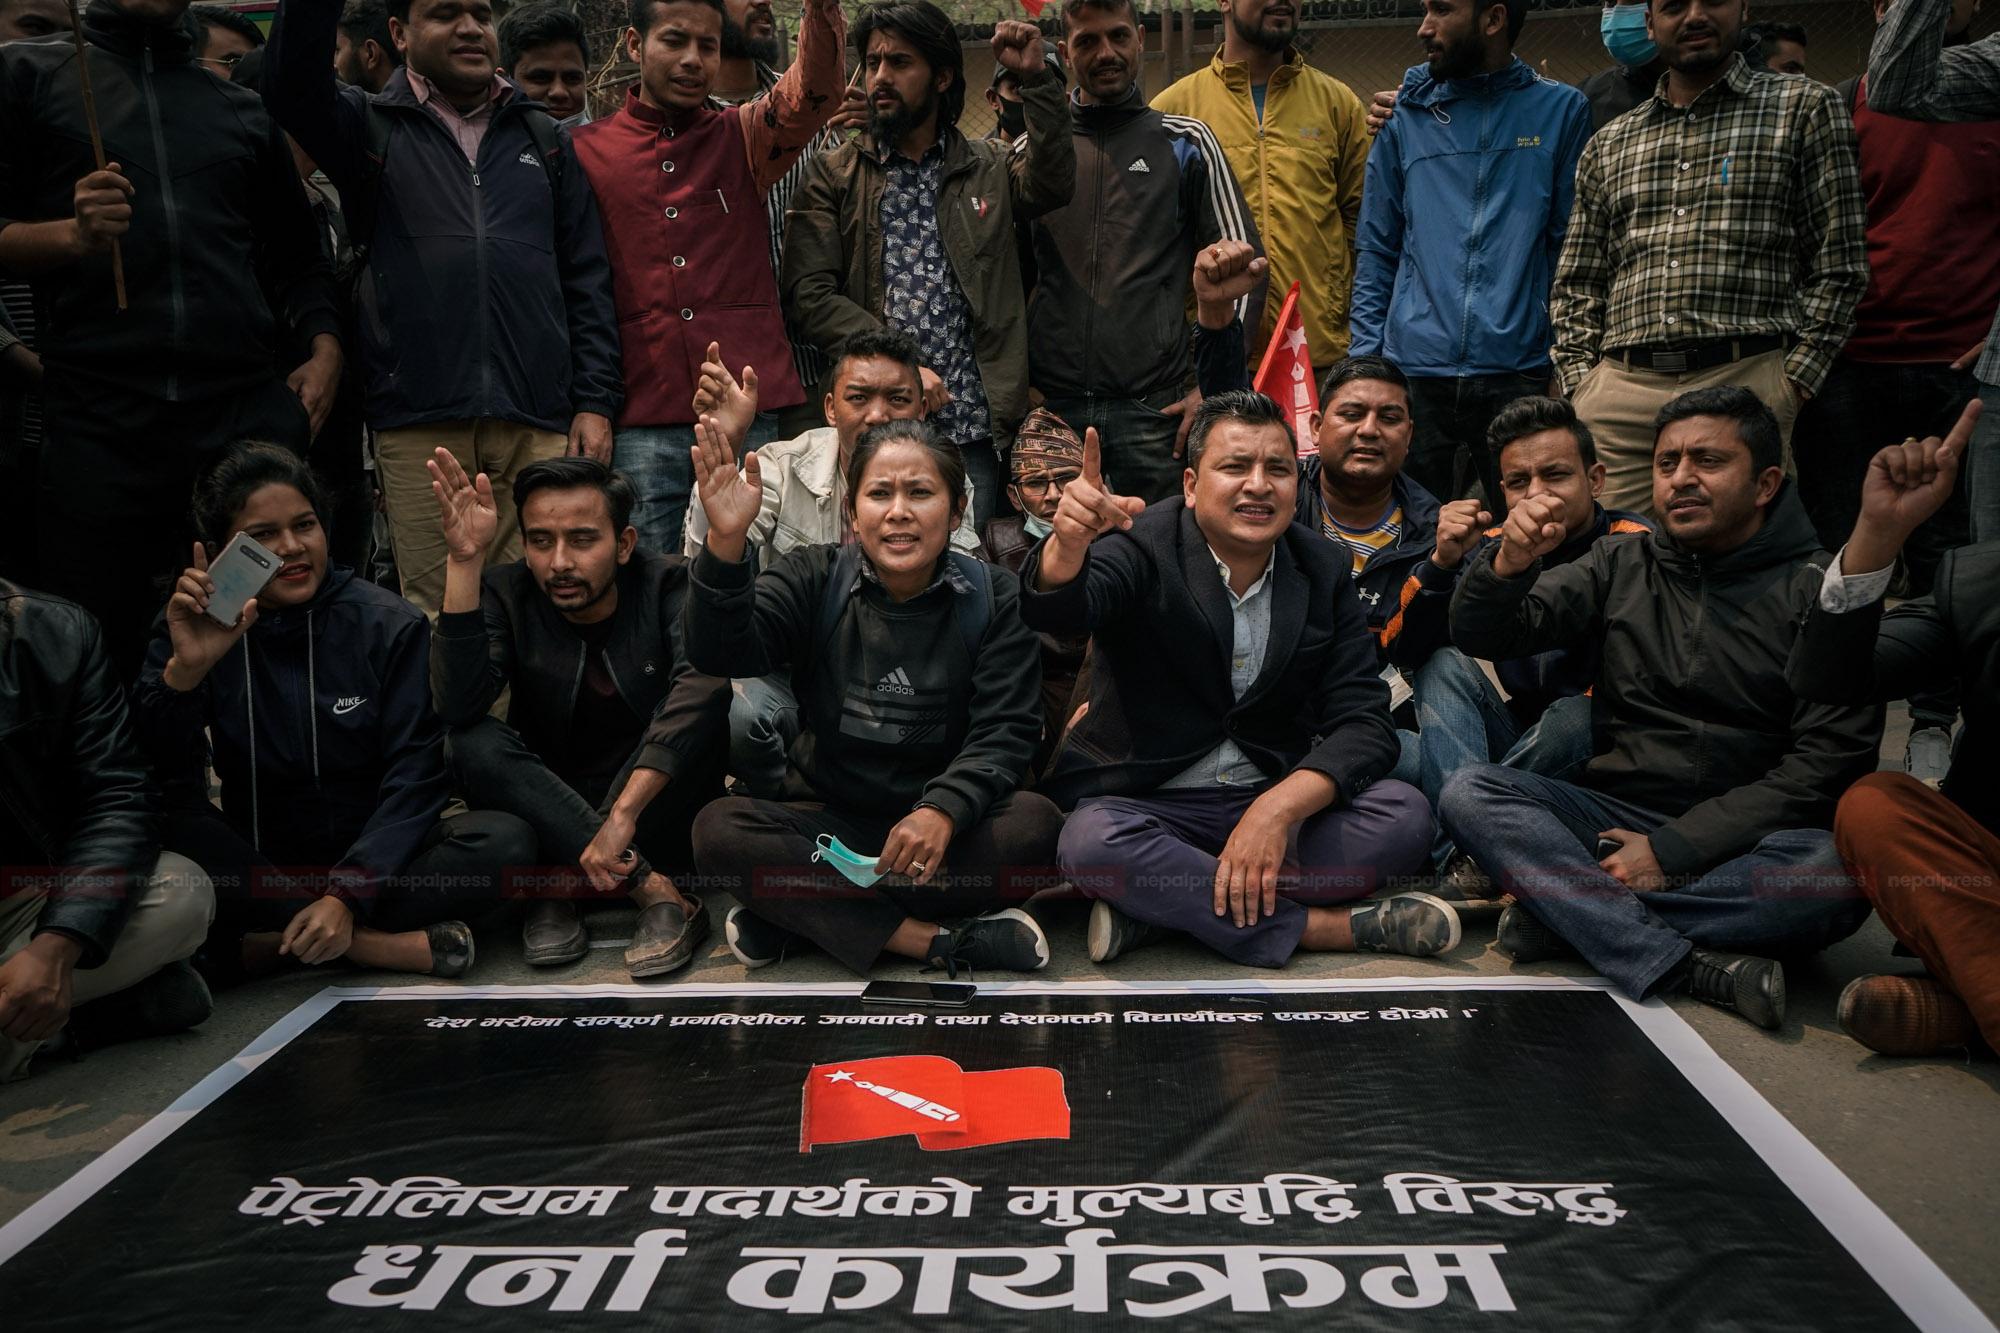 माधव नेपाल पक्षधर विद्यार्थीद्वारा आयल निगम घेराउ